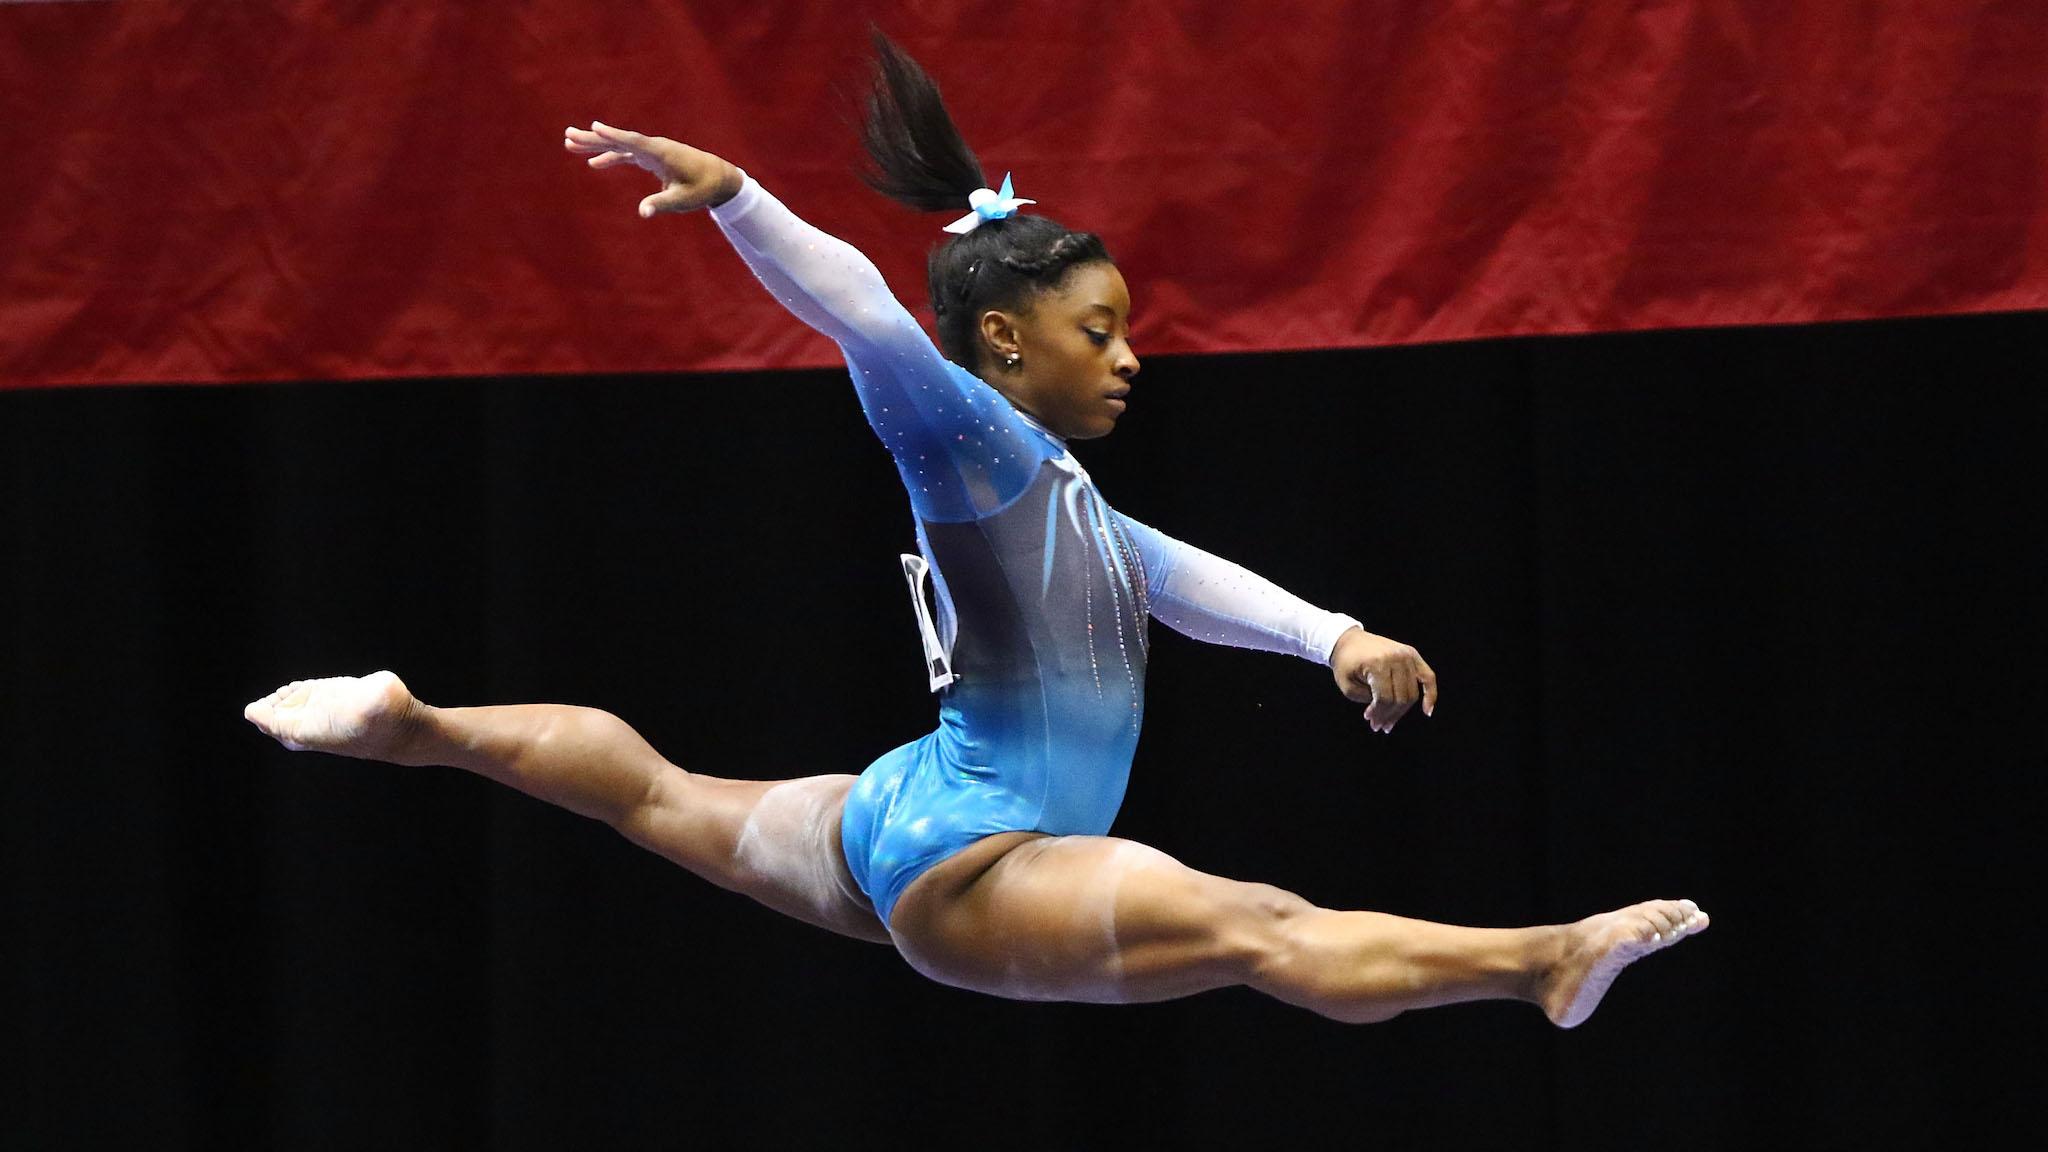 Las estrellas de la gimnasia art stica sexto anillo for Gimnasia gimnasia